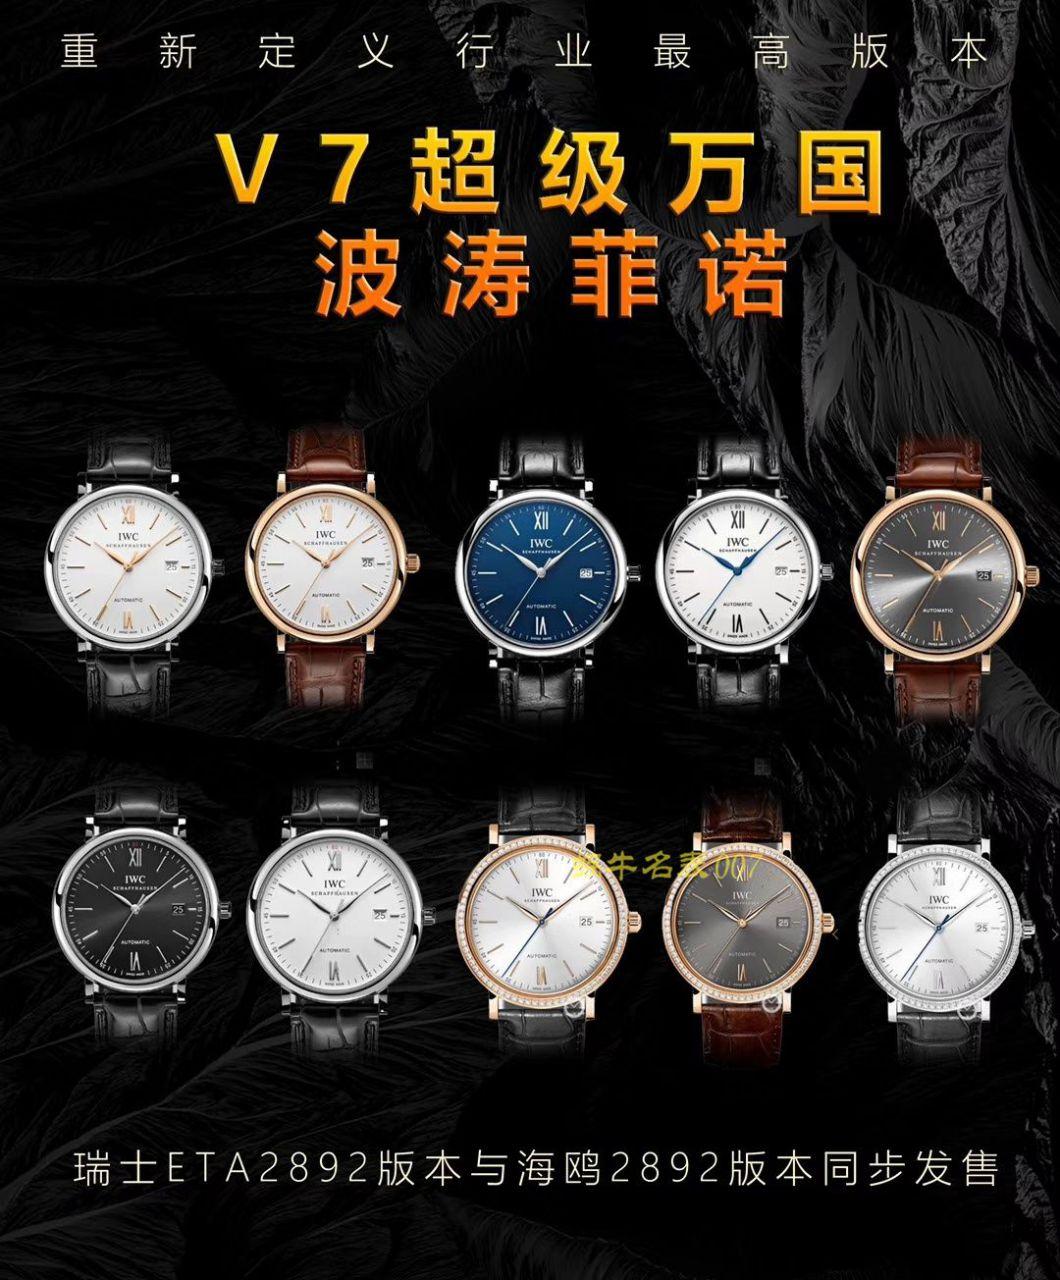 【视频评测V7厂IWC复刻表】万国表柏涛菲诺系列IW356516腕表